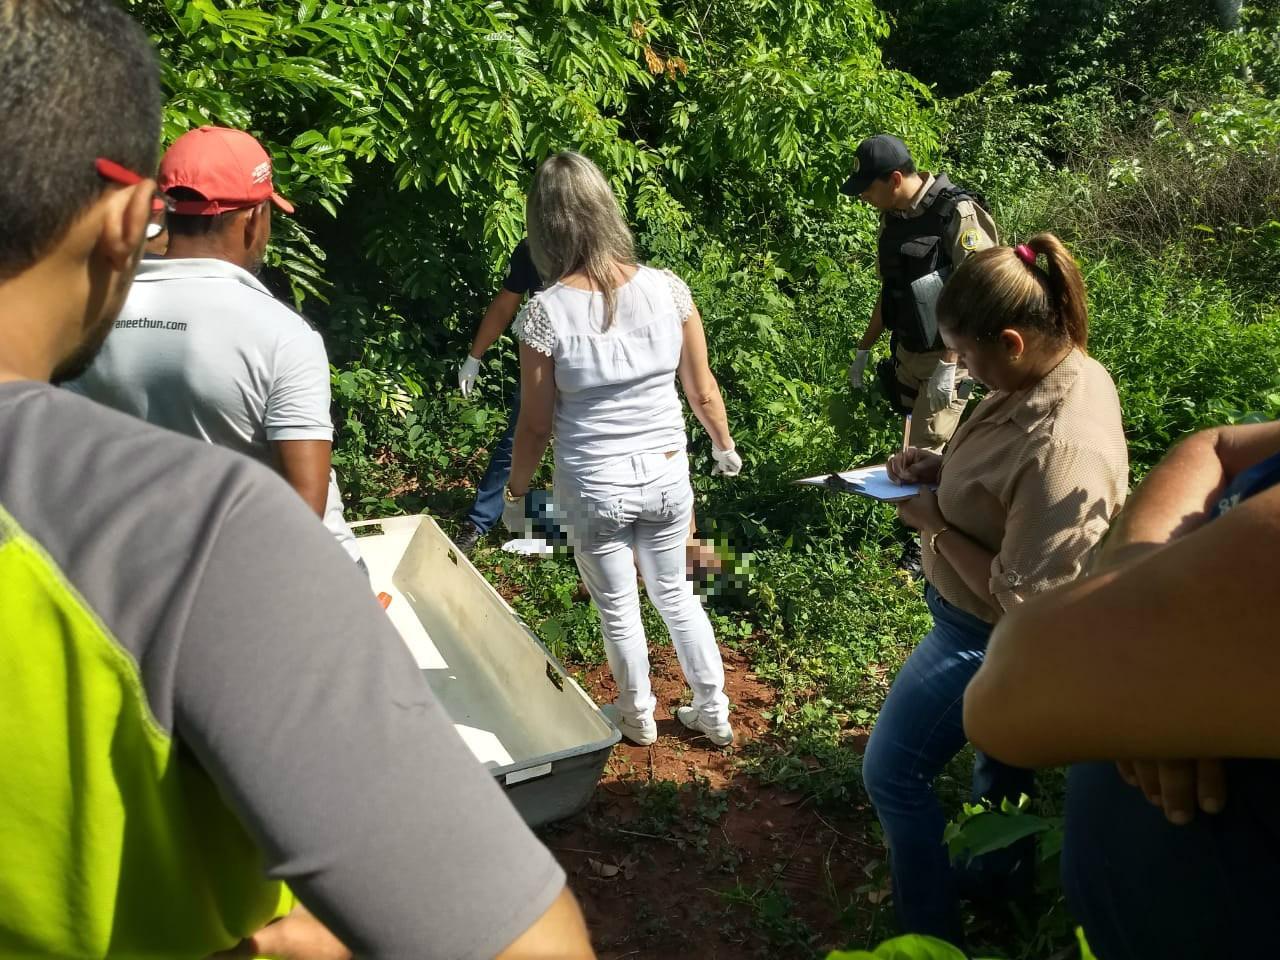 Morador sai para alimentar animais e encontra corpo de homem em região de chácara - Radio Evangelho Gospel